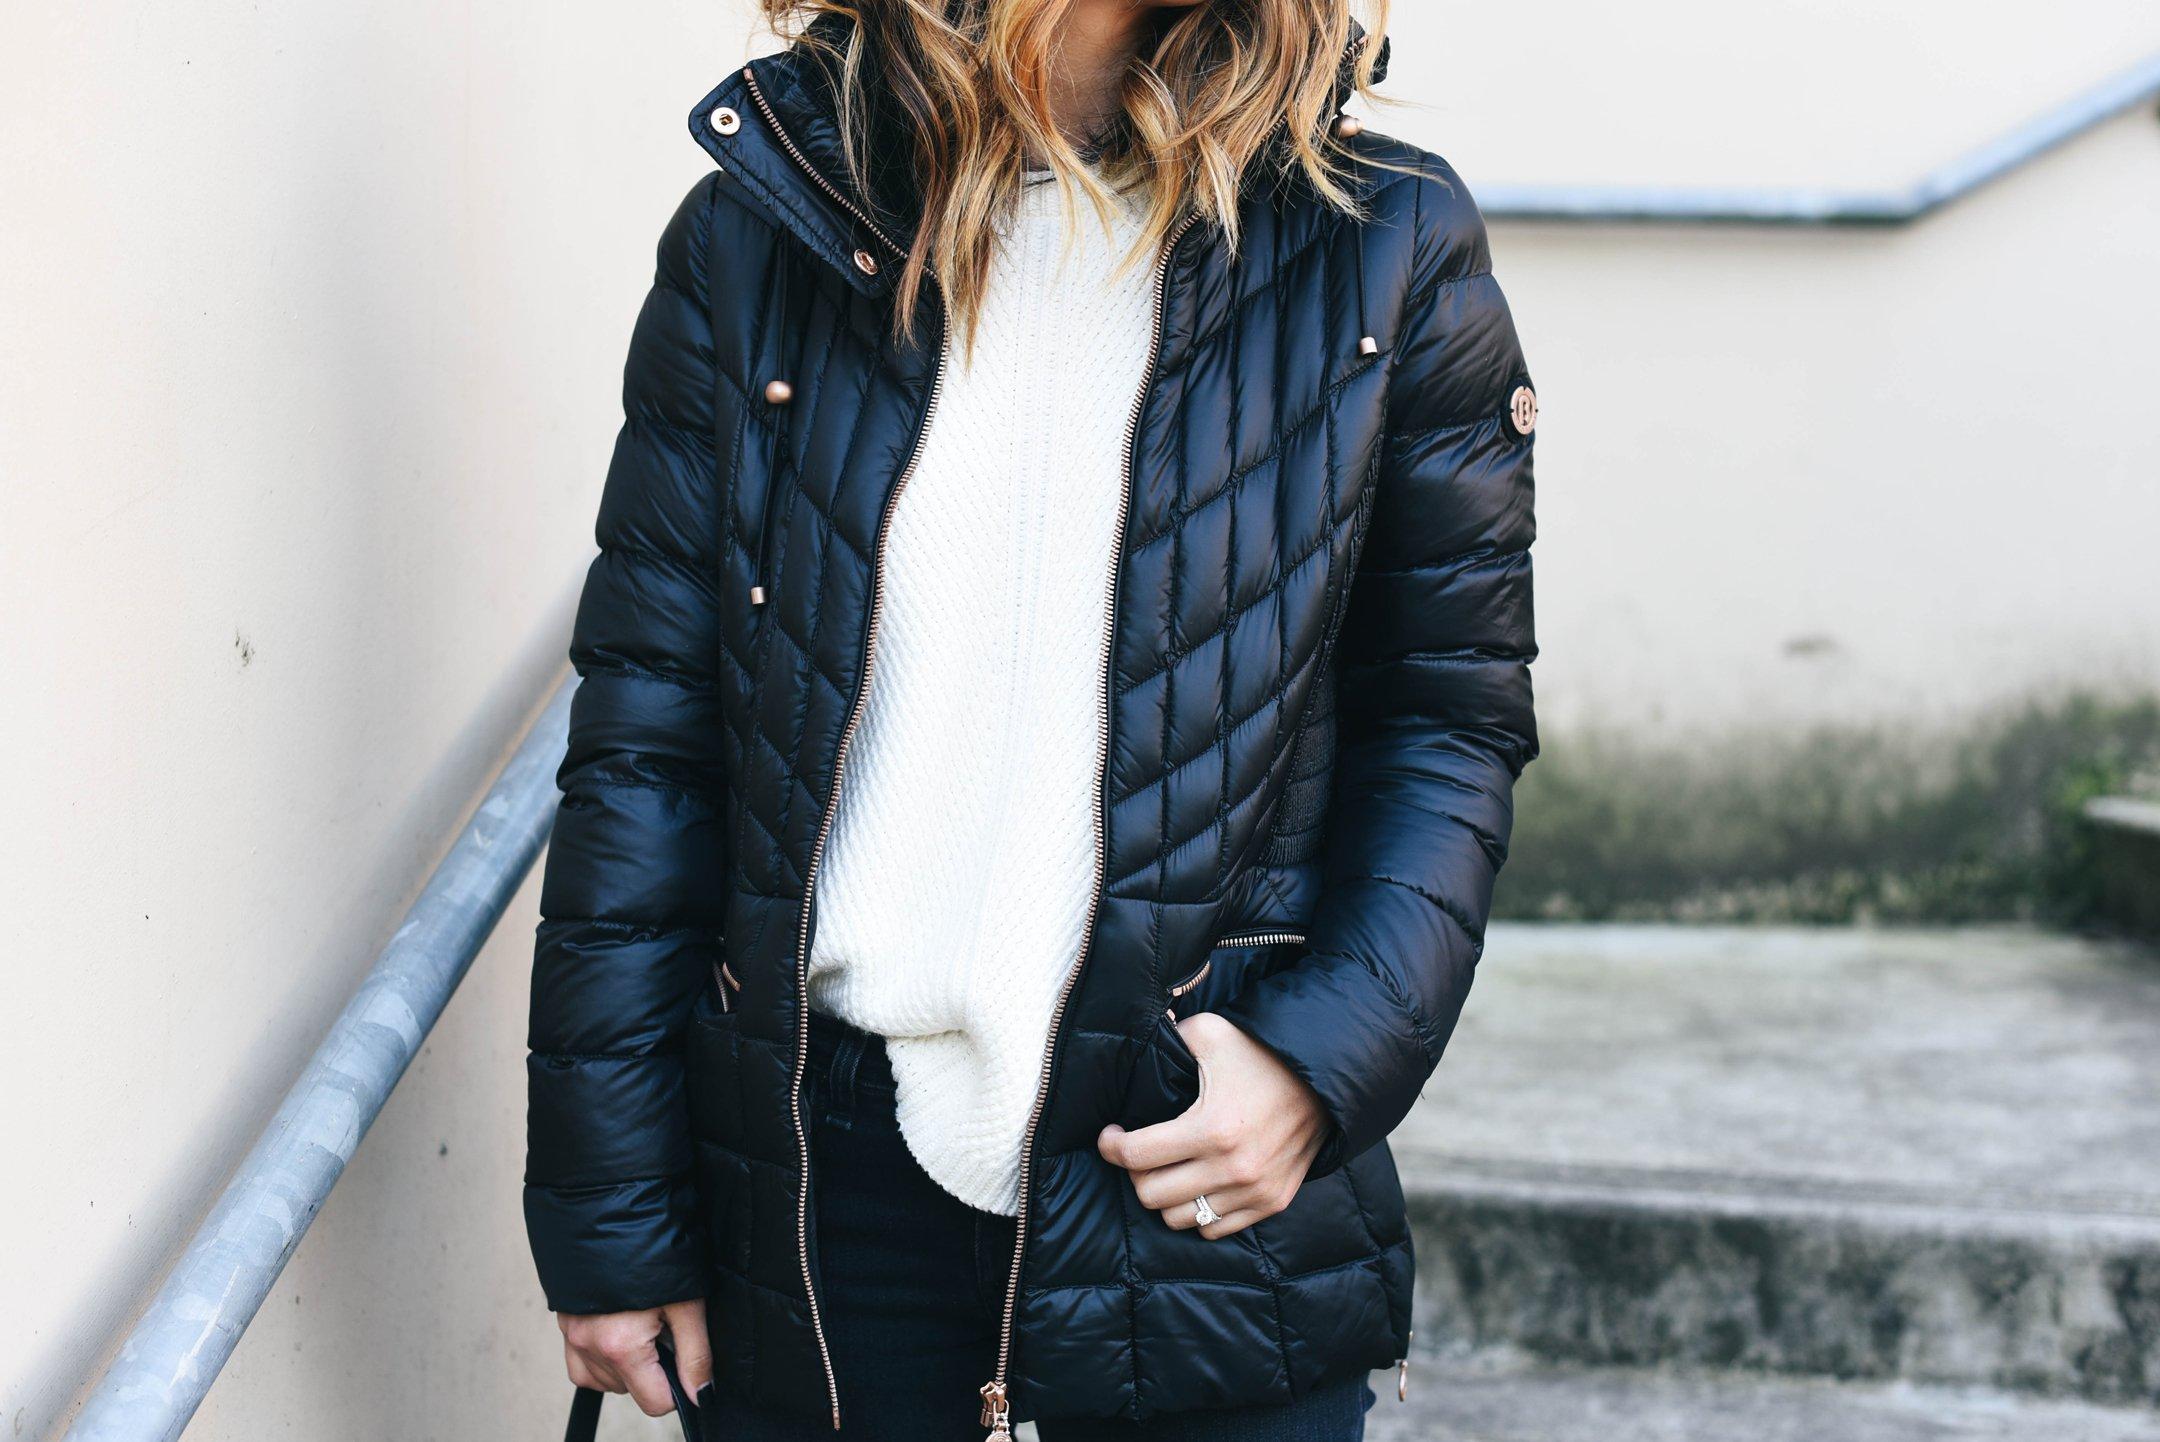 4111fc5b93c ... crystalin-marie-wearing-bernardo-black-packable-jacket-with- ...